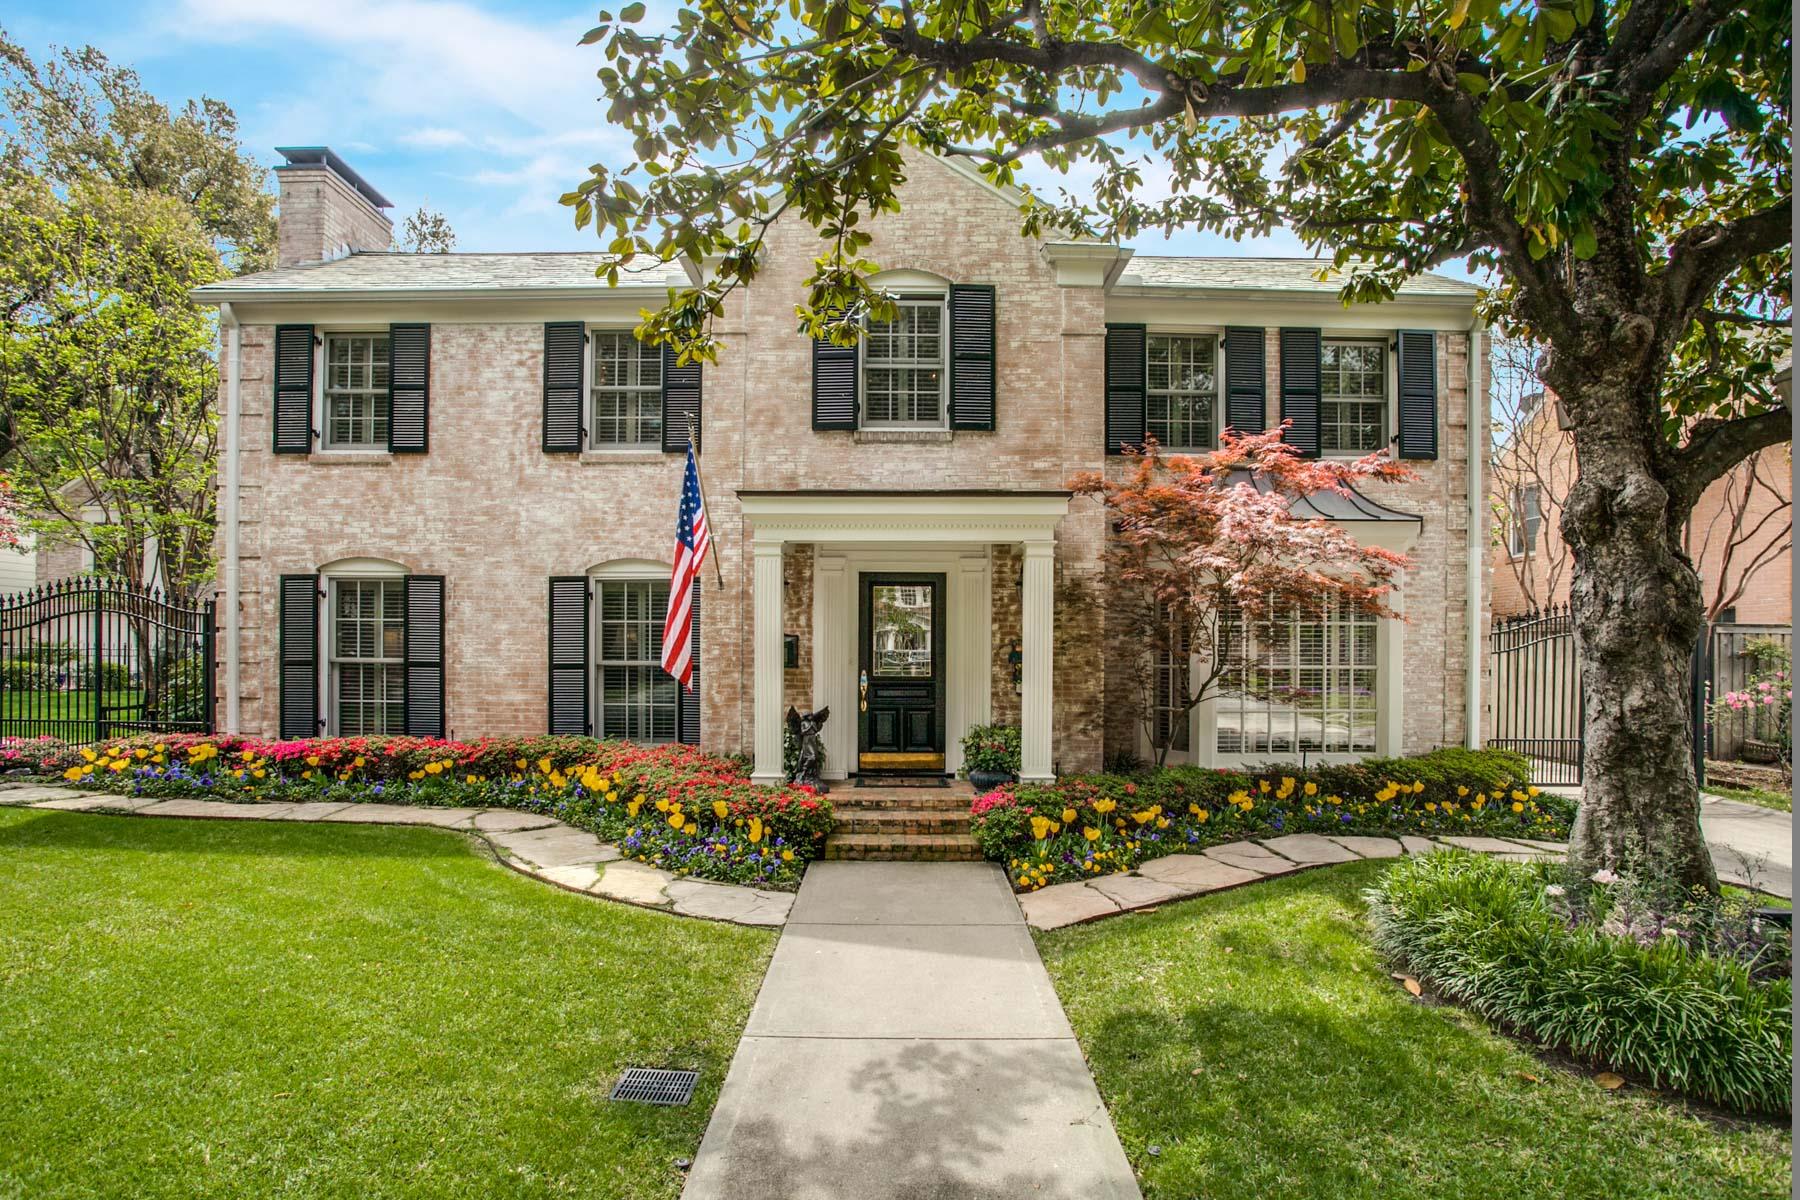 一戸建て のために 売買 アット 4417 Belclaire Avenue, Highland Park Highland Park, テキサス, 75205 アメリカ合衆国